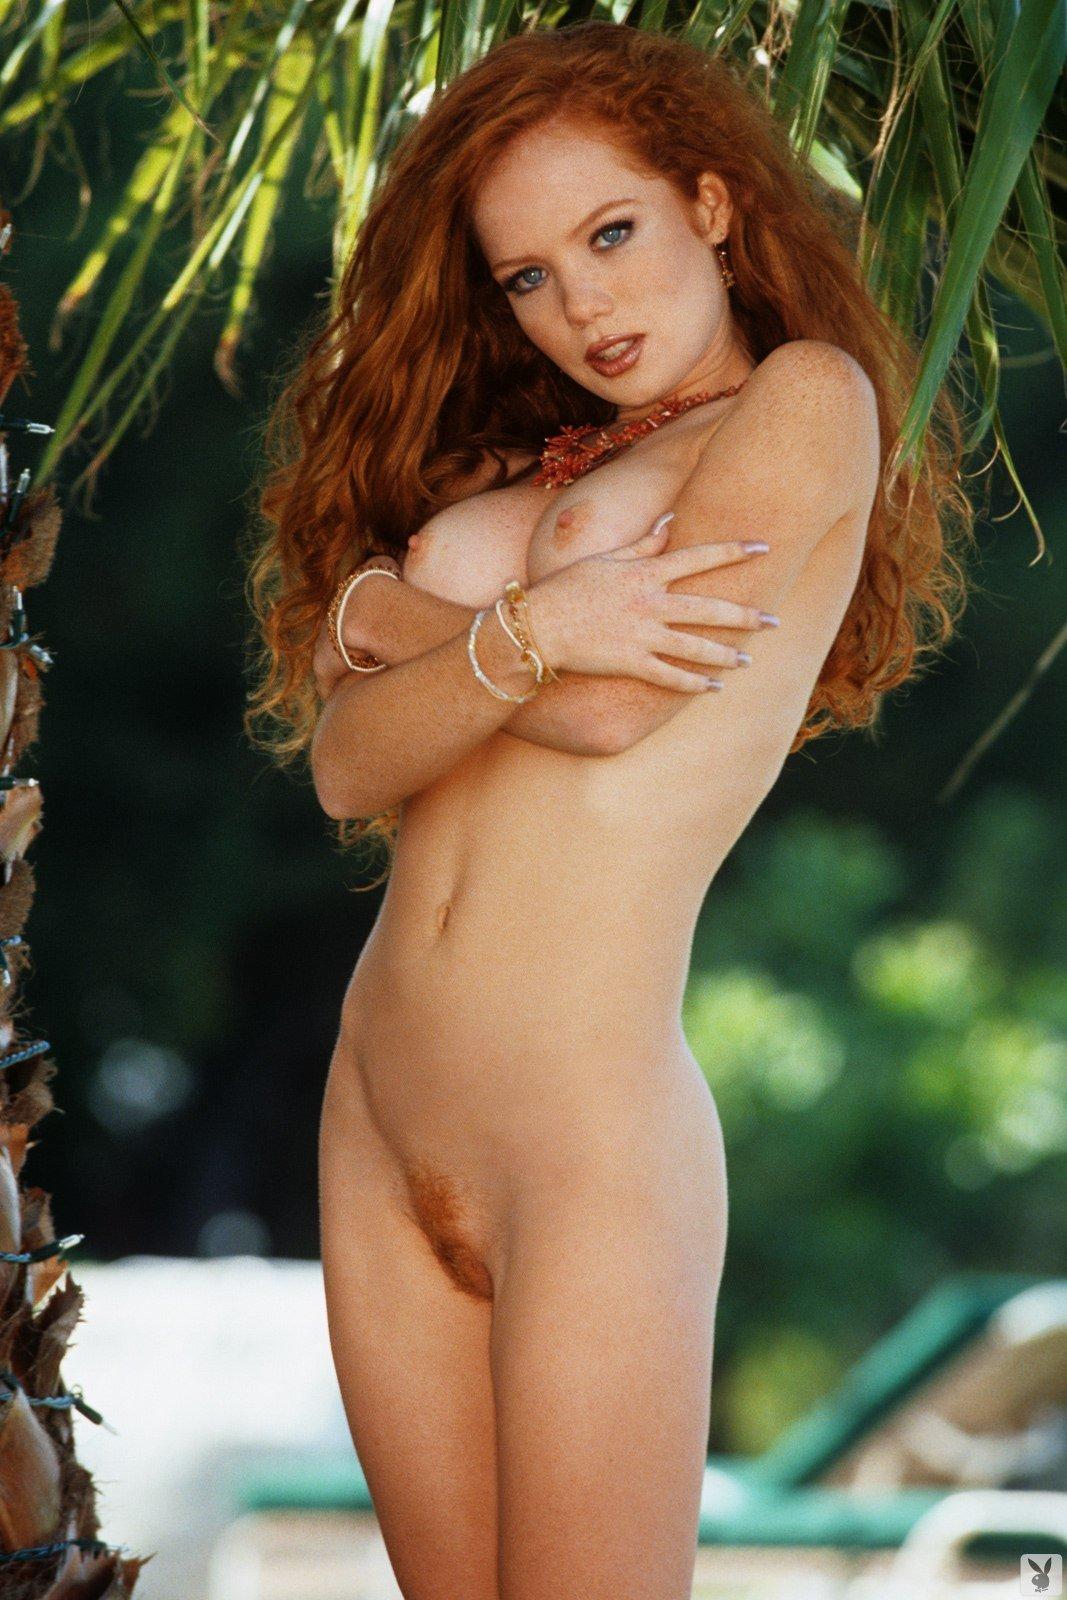 Irish girl nude